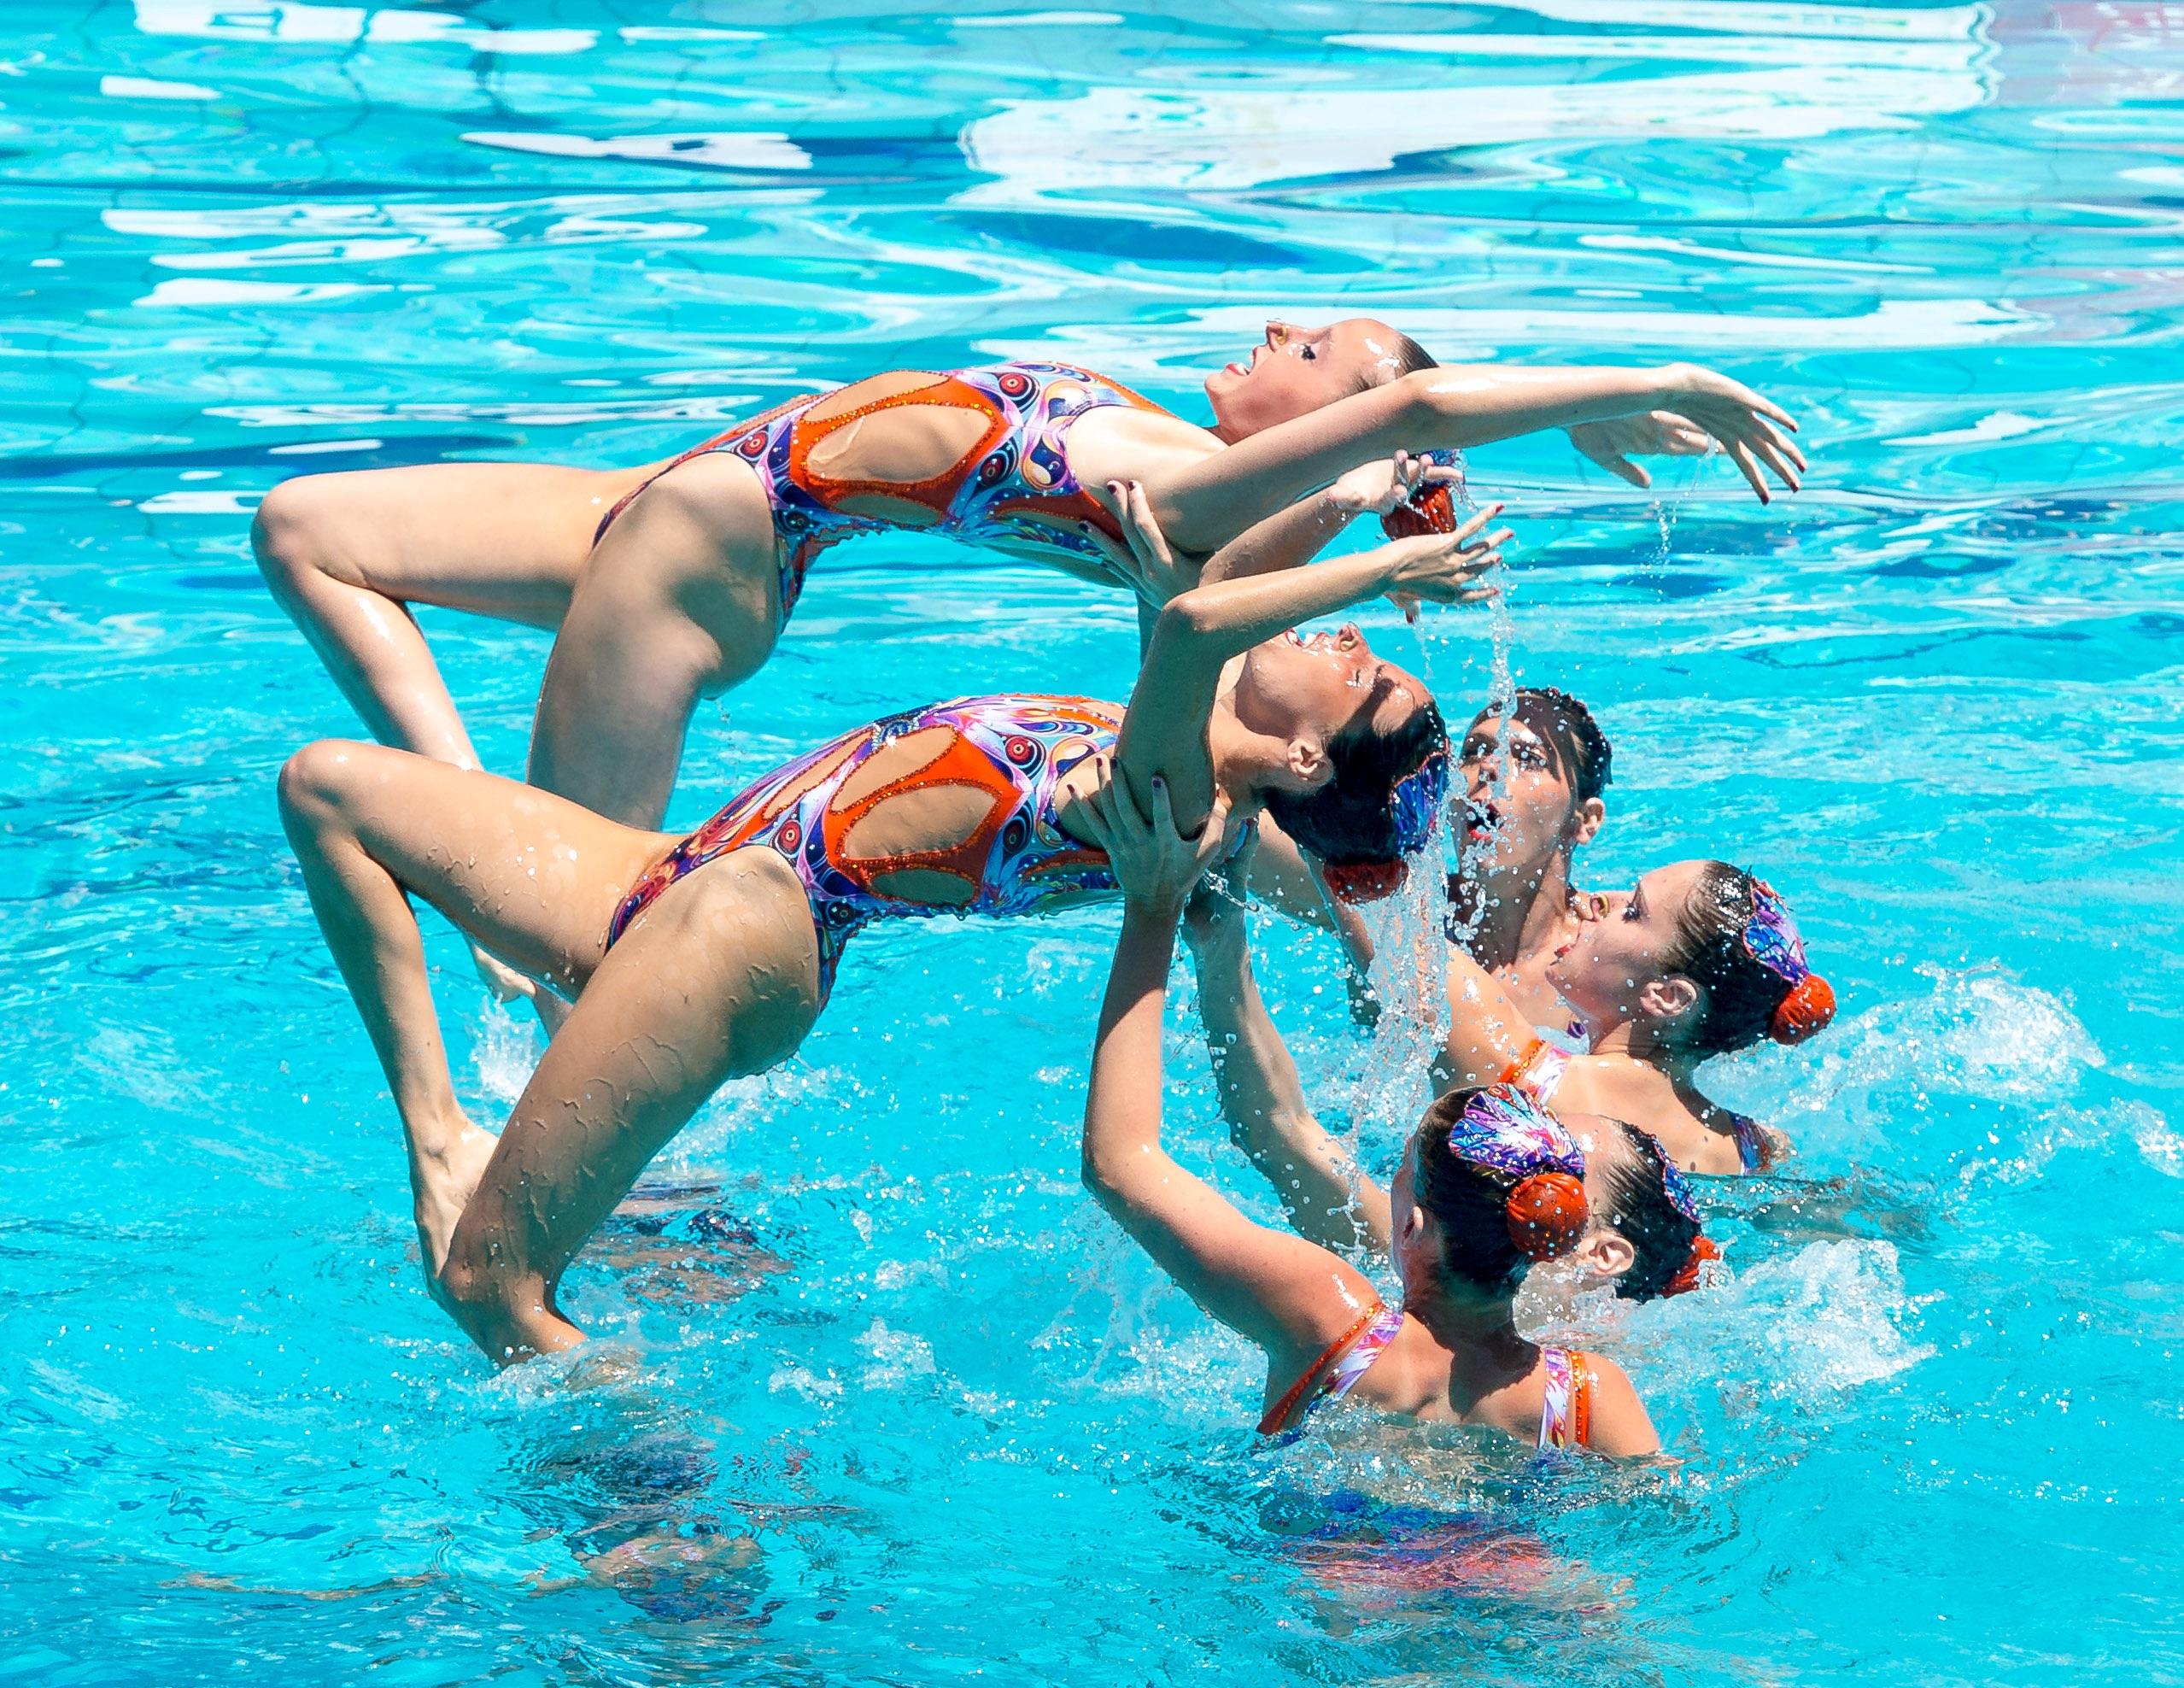 спорт картинки фото плавание мужчина должен